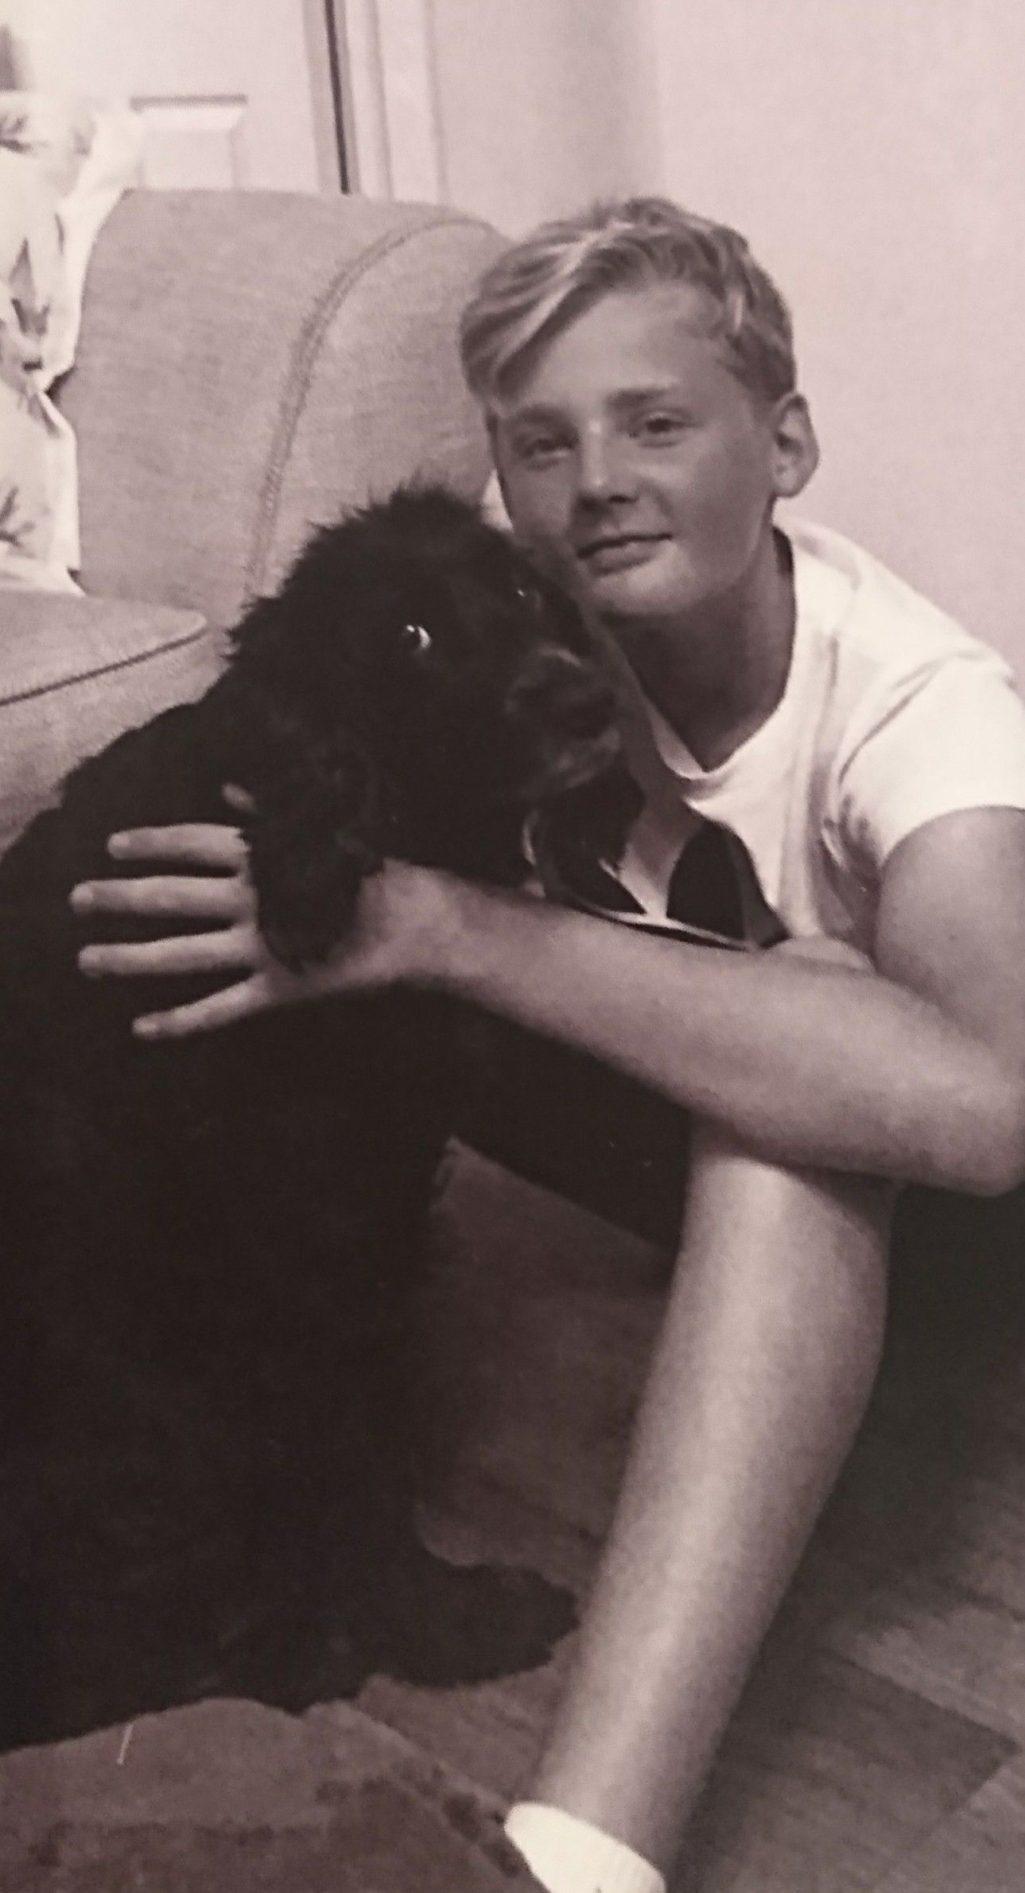 愛犬過世無法走出陰霾 14歲男孩坐在墓前1小時最後「選擇和狗狗團聚」